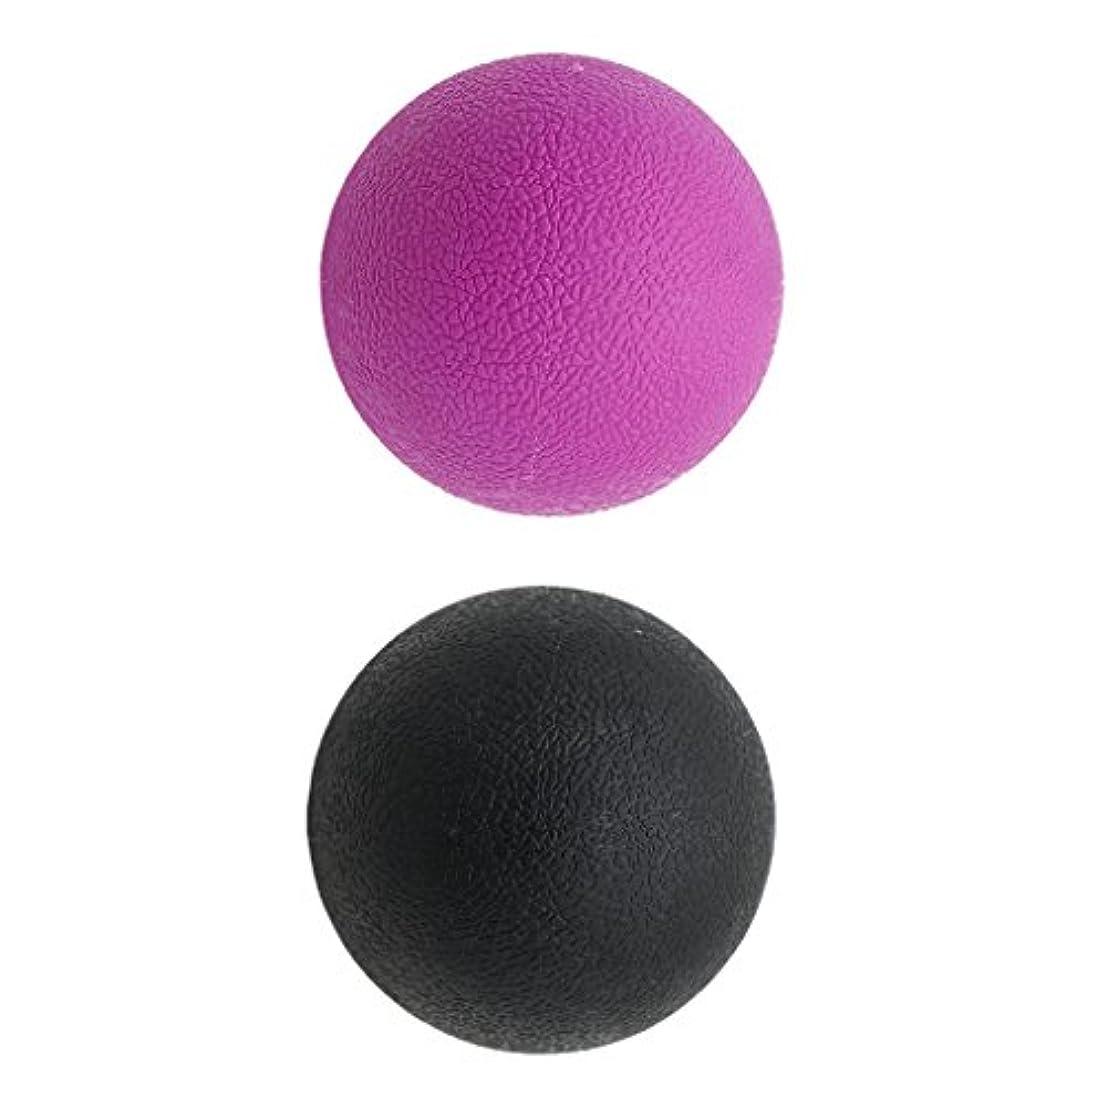 送料ありがたいイライラする2個 マッサージボール ラクロスボール 背部 トリガ ポイント マッサージ 多色選べる - ブラックパープル